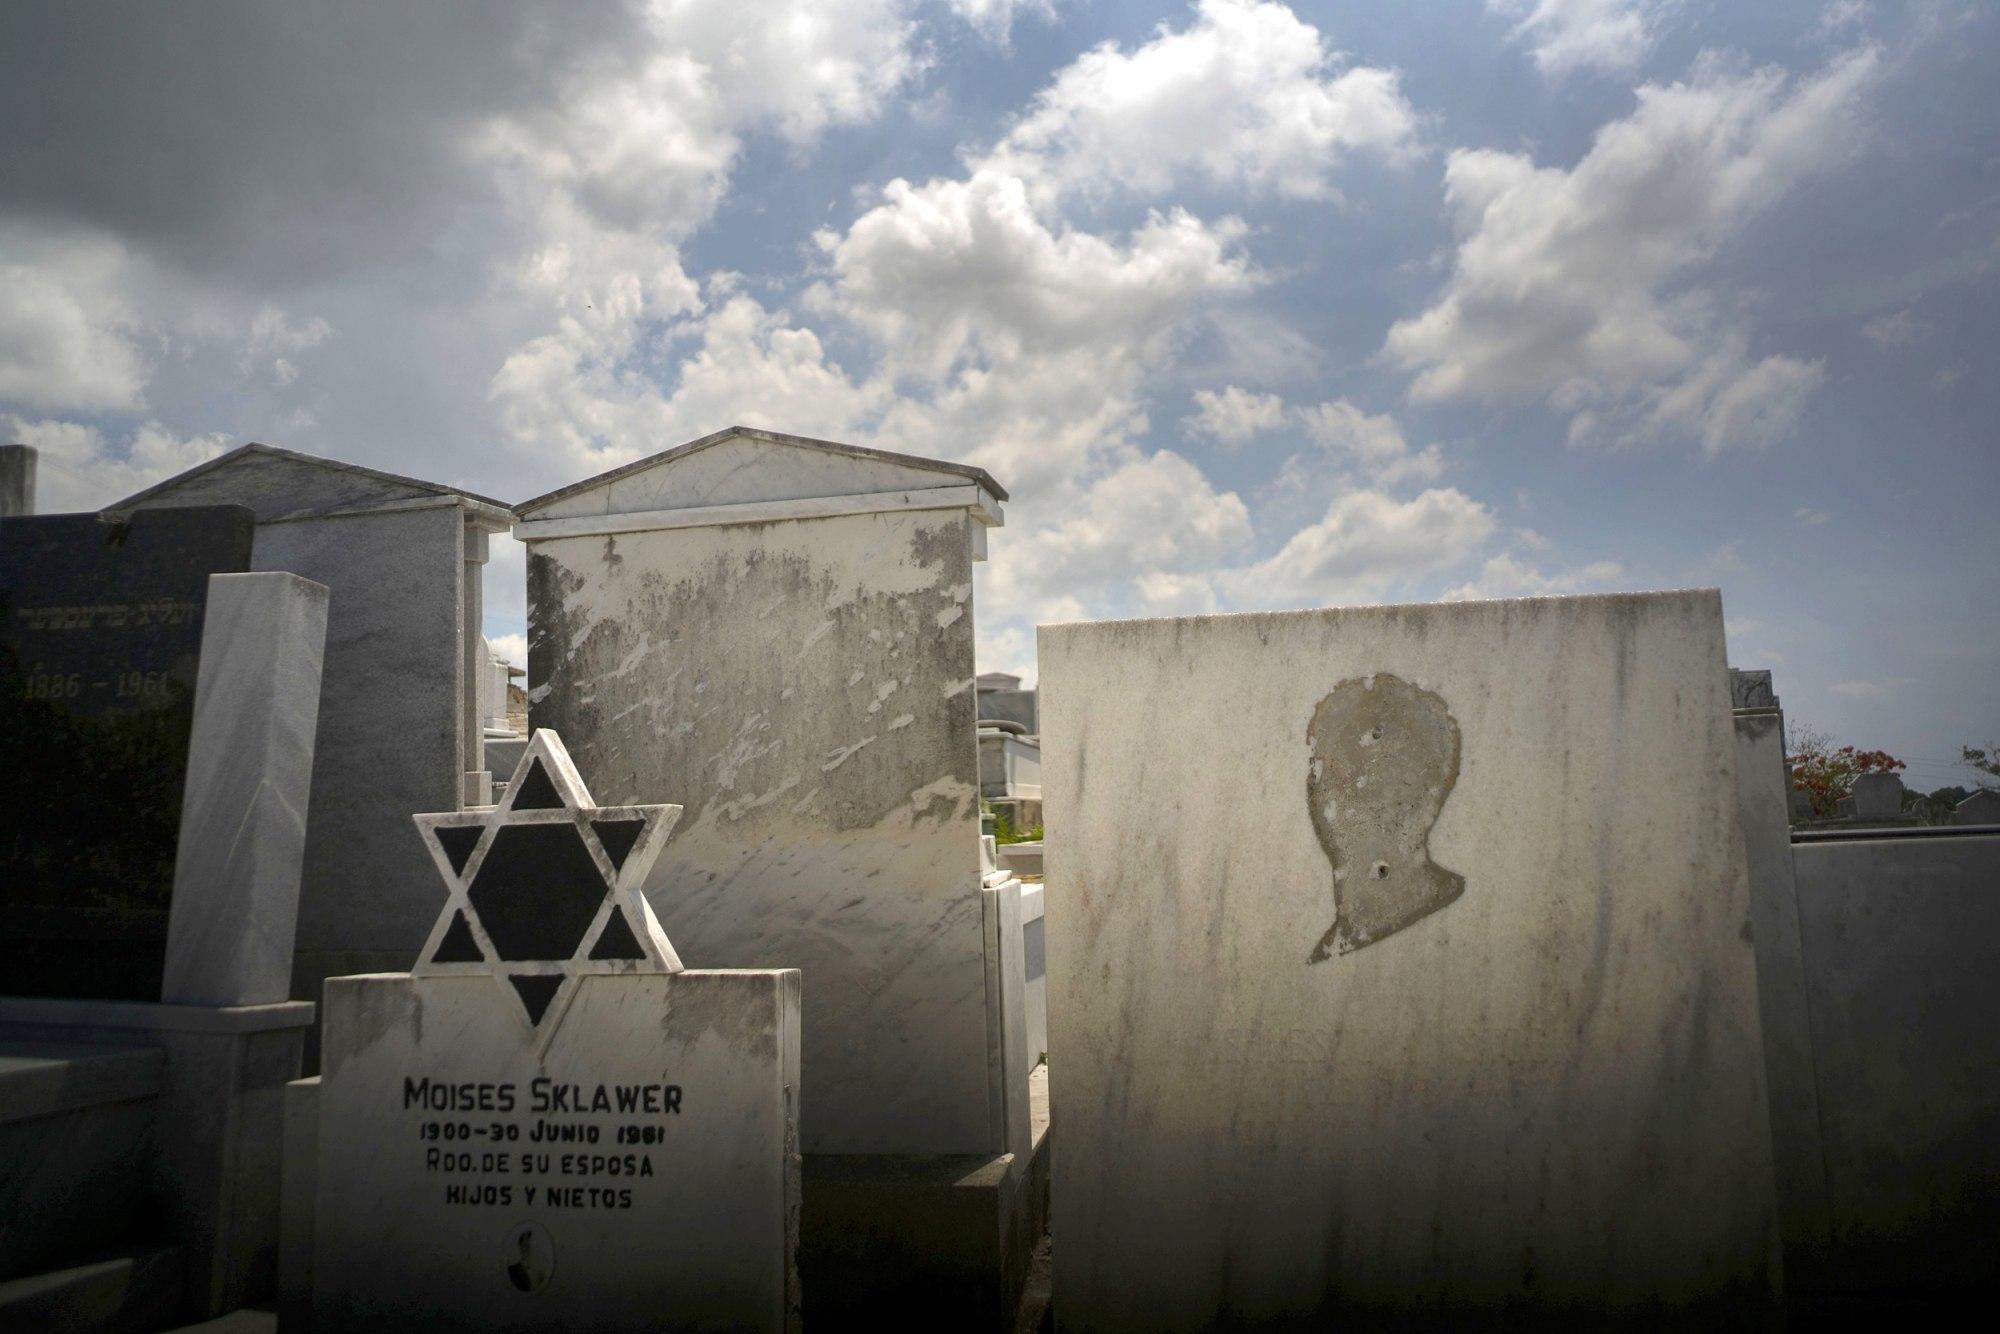 Auf dem jüdischen Friedhof in Guanabacoa, Habana del Este | Bildquelle: https://www.nbcnews.com/n © Ramon Espinosa / AP file | Bilder sind in der Regel urheberrechtlich geschützt